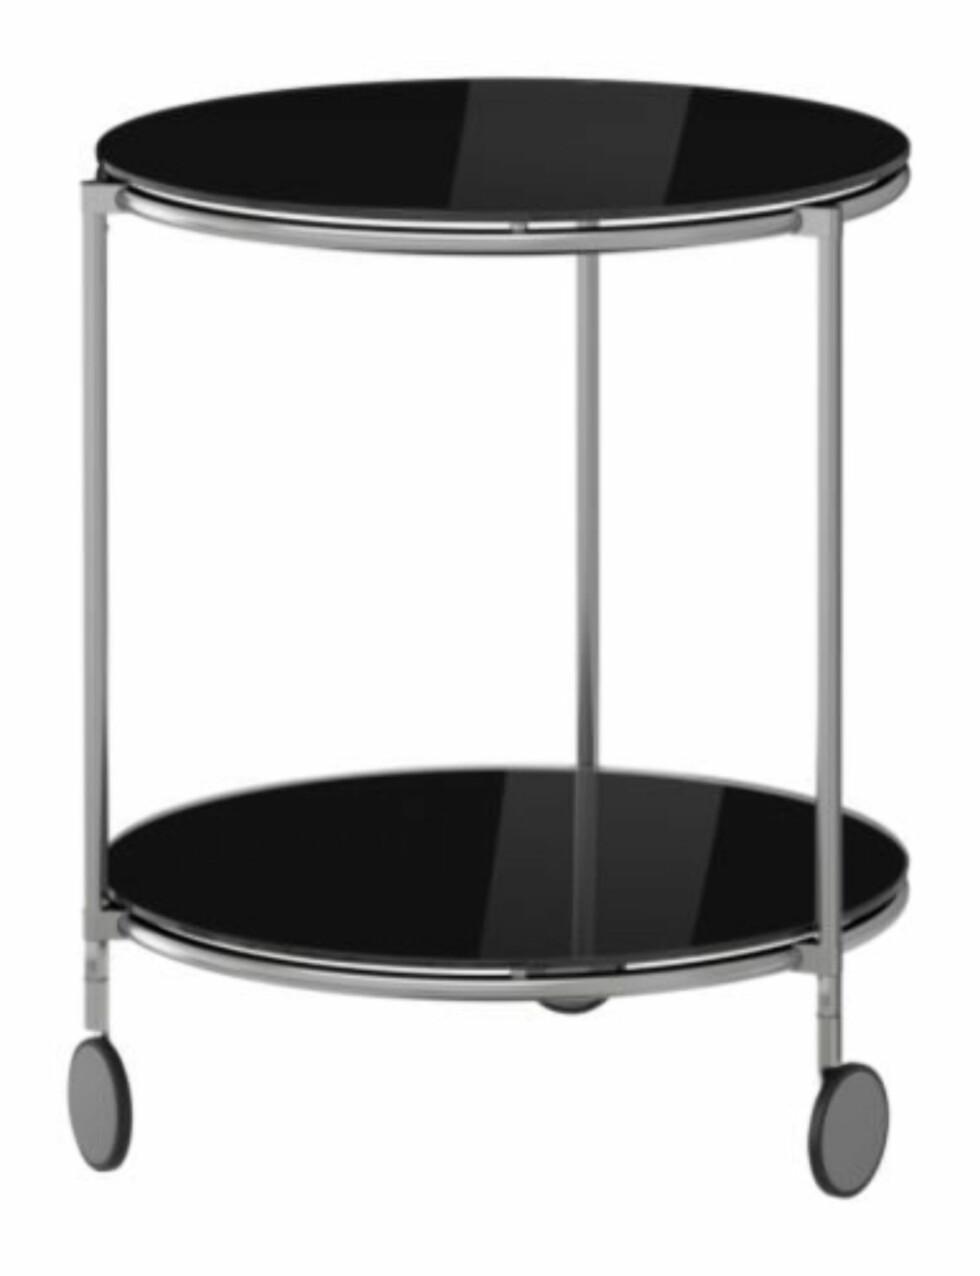 Retro-inspirert sidebord (D50H62) Perfekt for martinis eller whisky-glass (kr 649, Ikea).